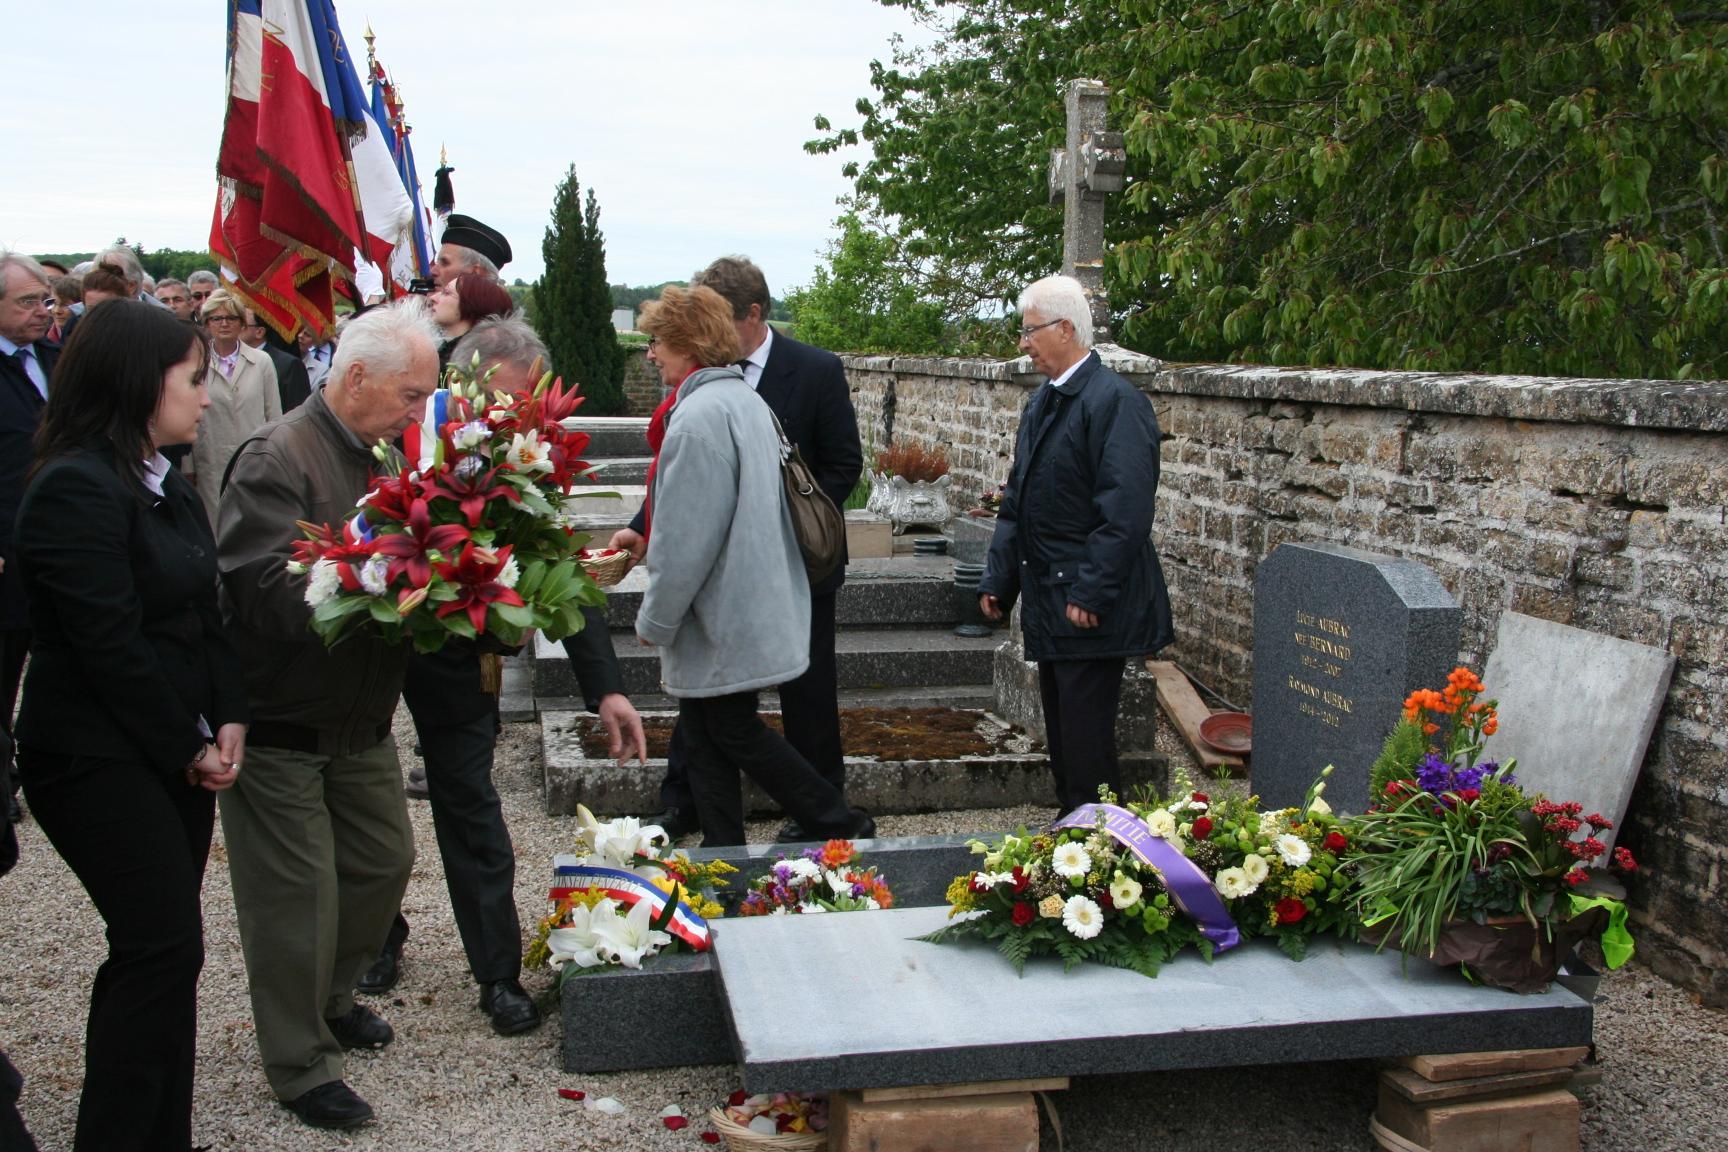 Jean Machuron et Coline Auclair déposent la gerbe de l'ANACR du Jura pour honorer Lucie et Raymond